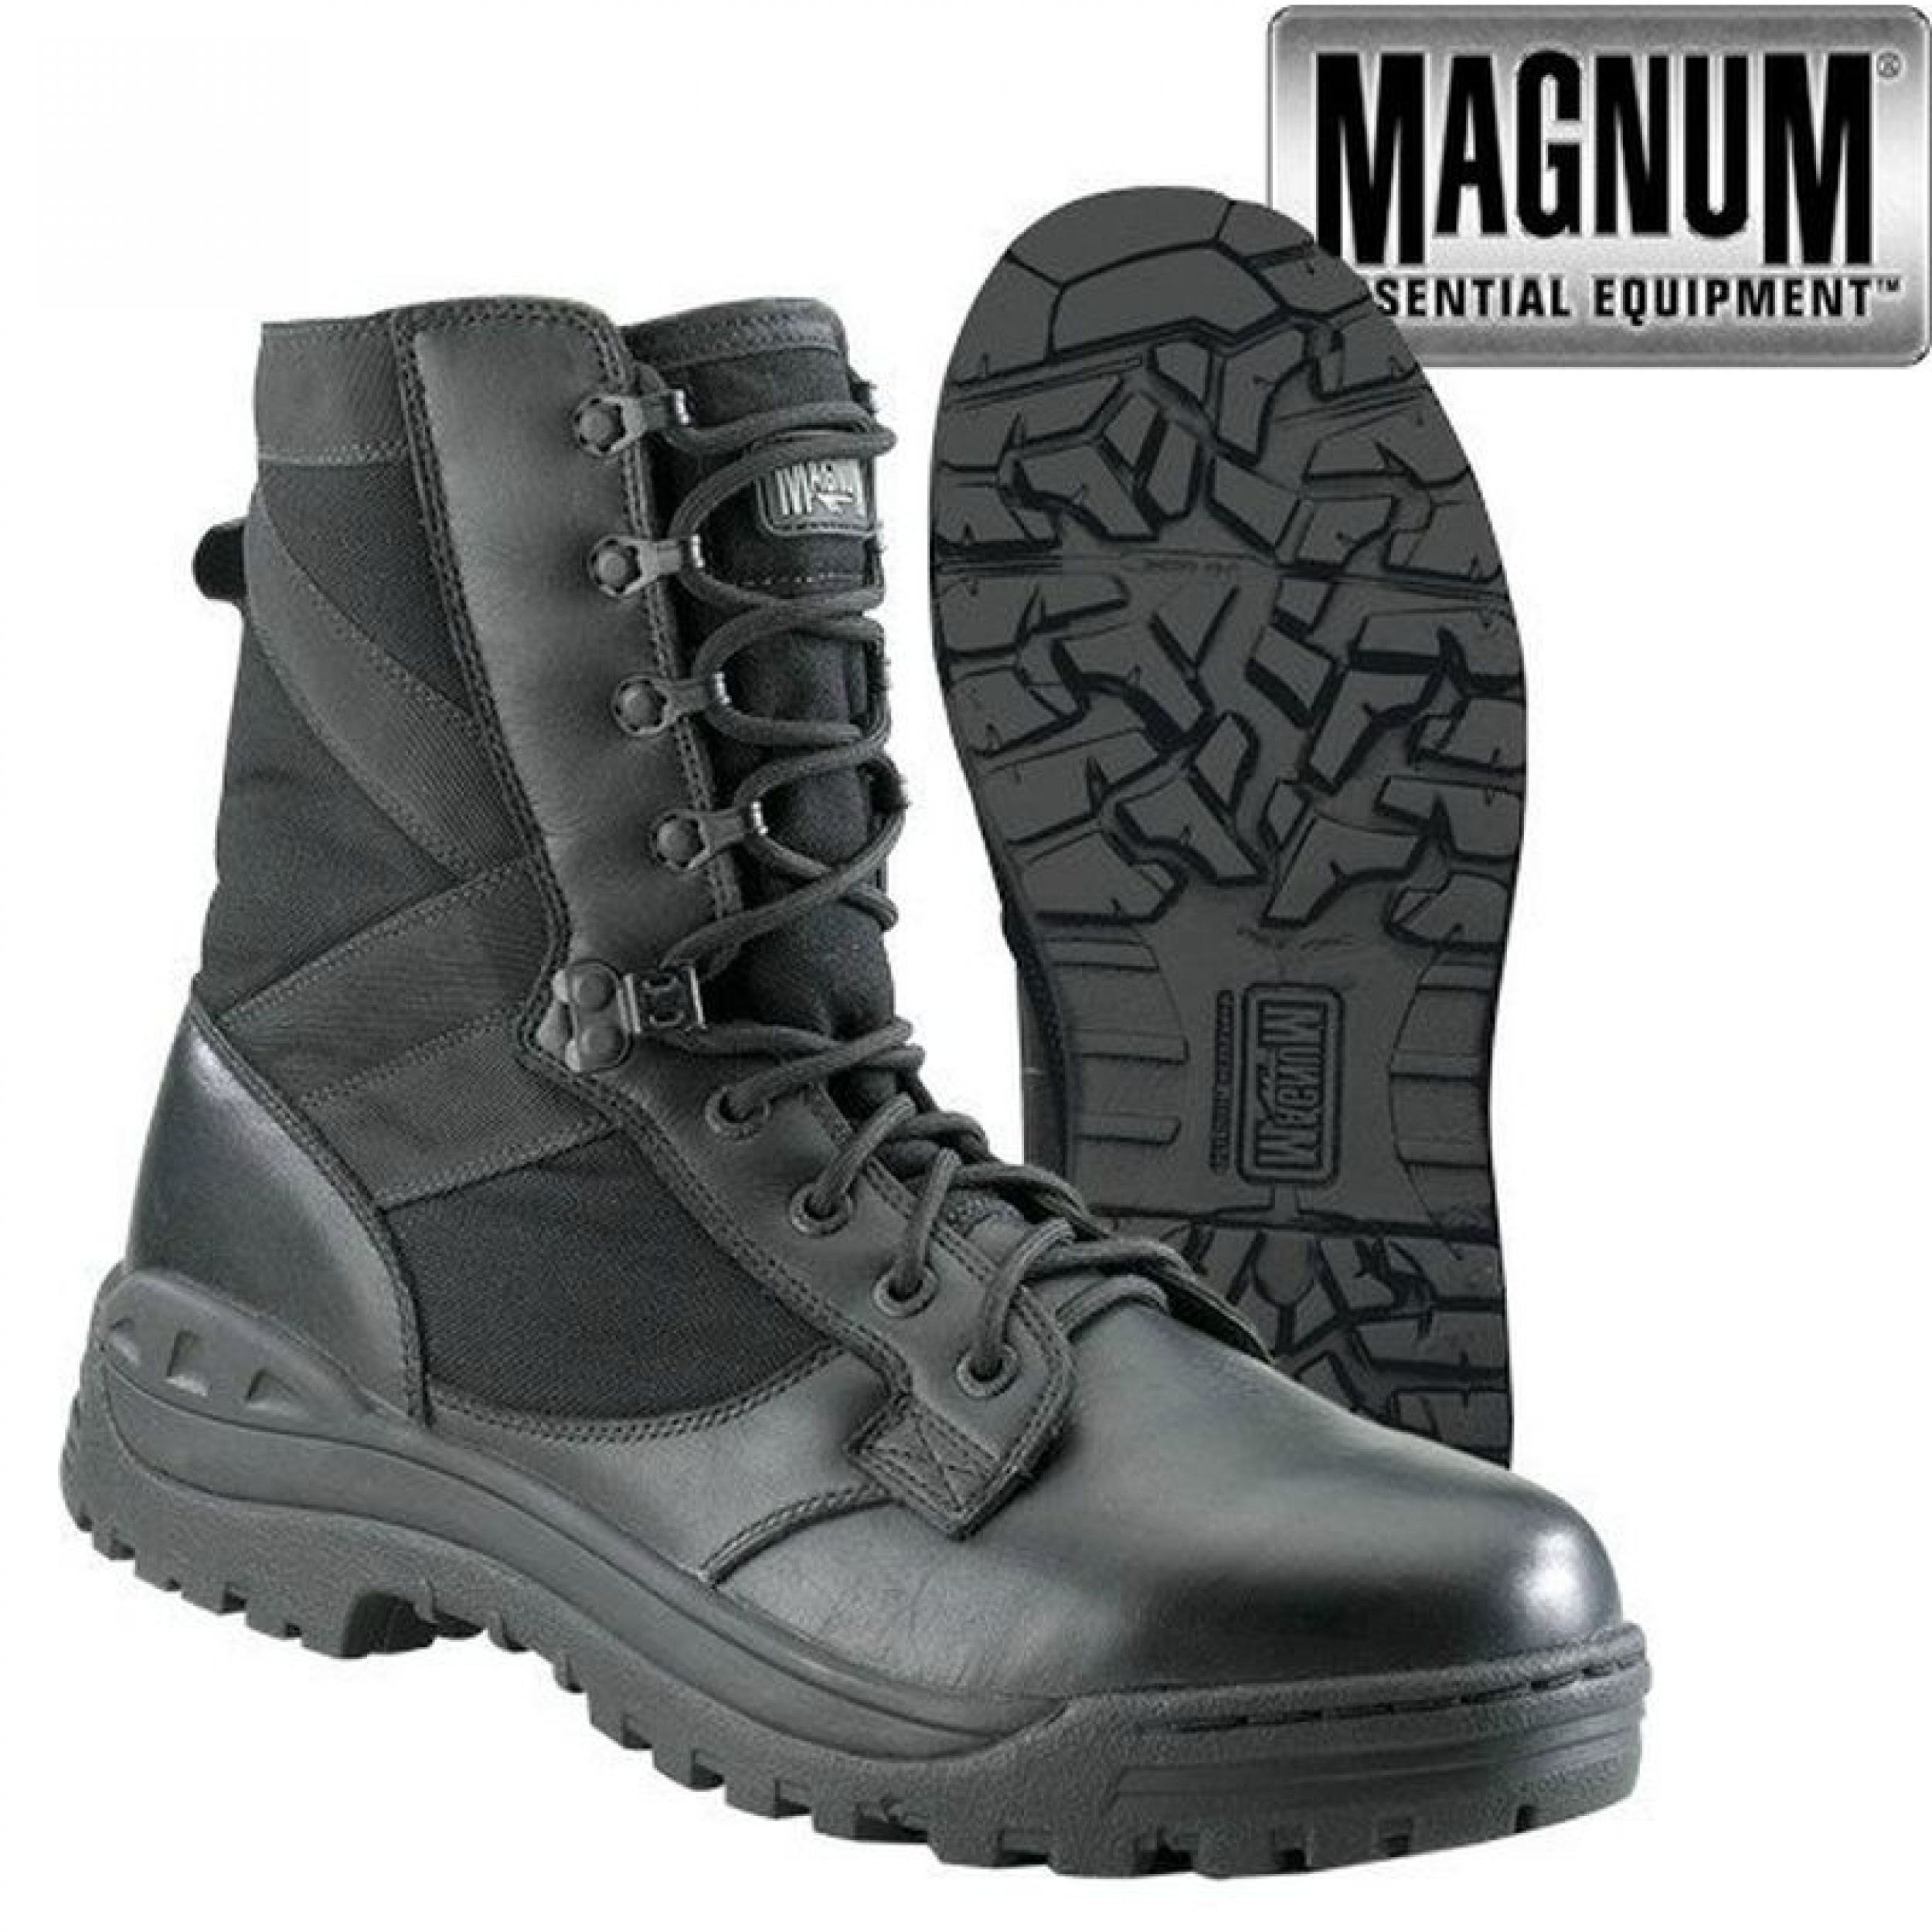 _-Bertsy-armii-Britanii-Magnum-Scorpion-_-.jpg